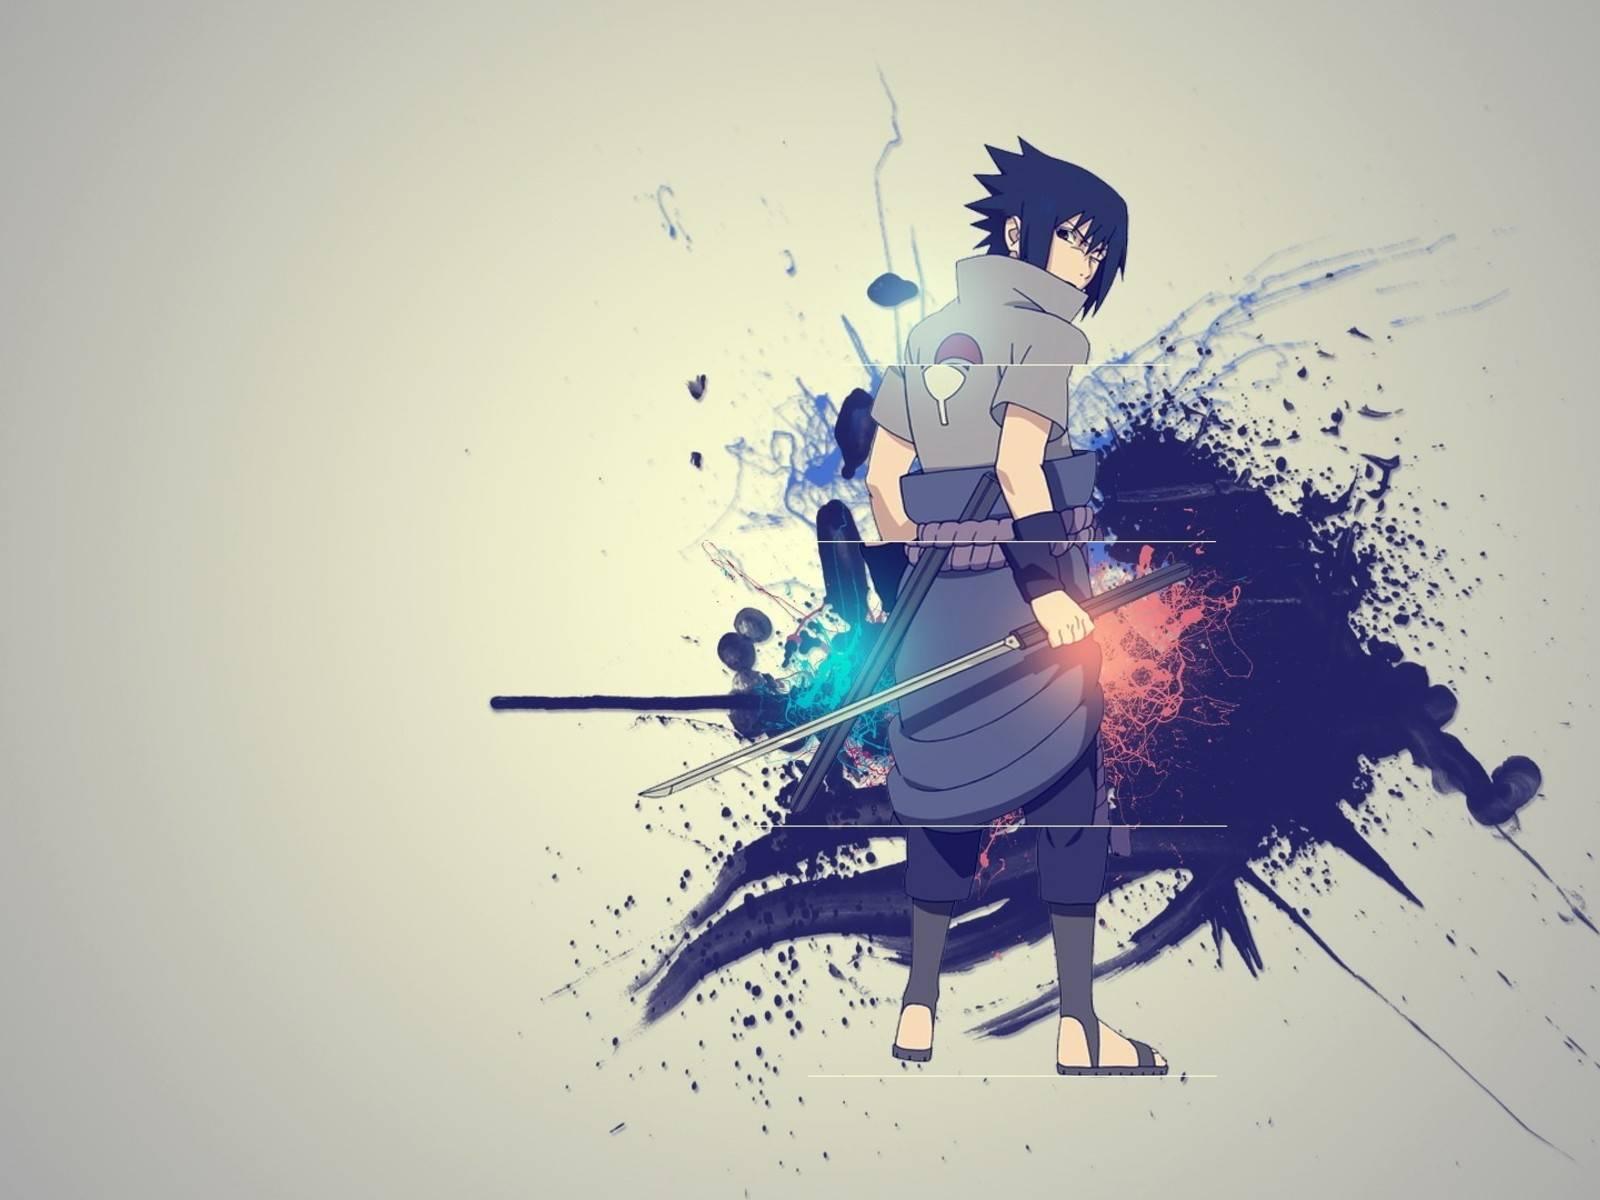 Sasuke Uchiha Wallpaper HD - Naruto Wallpaper